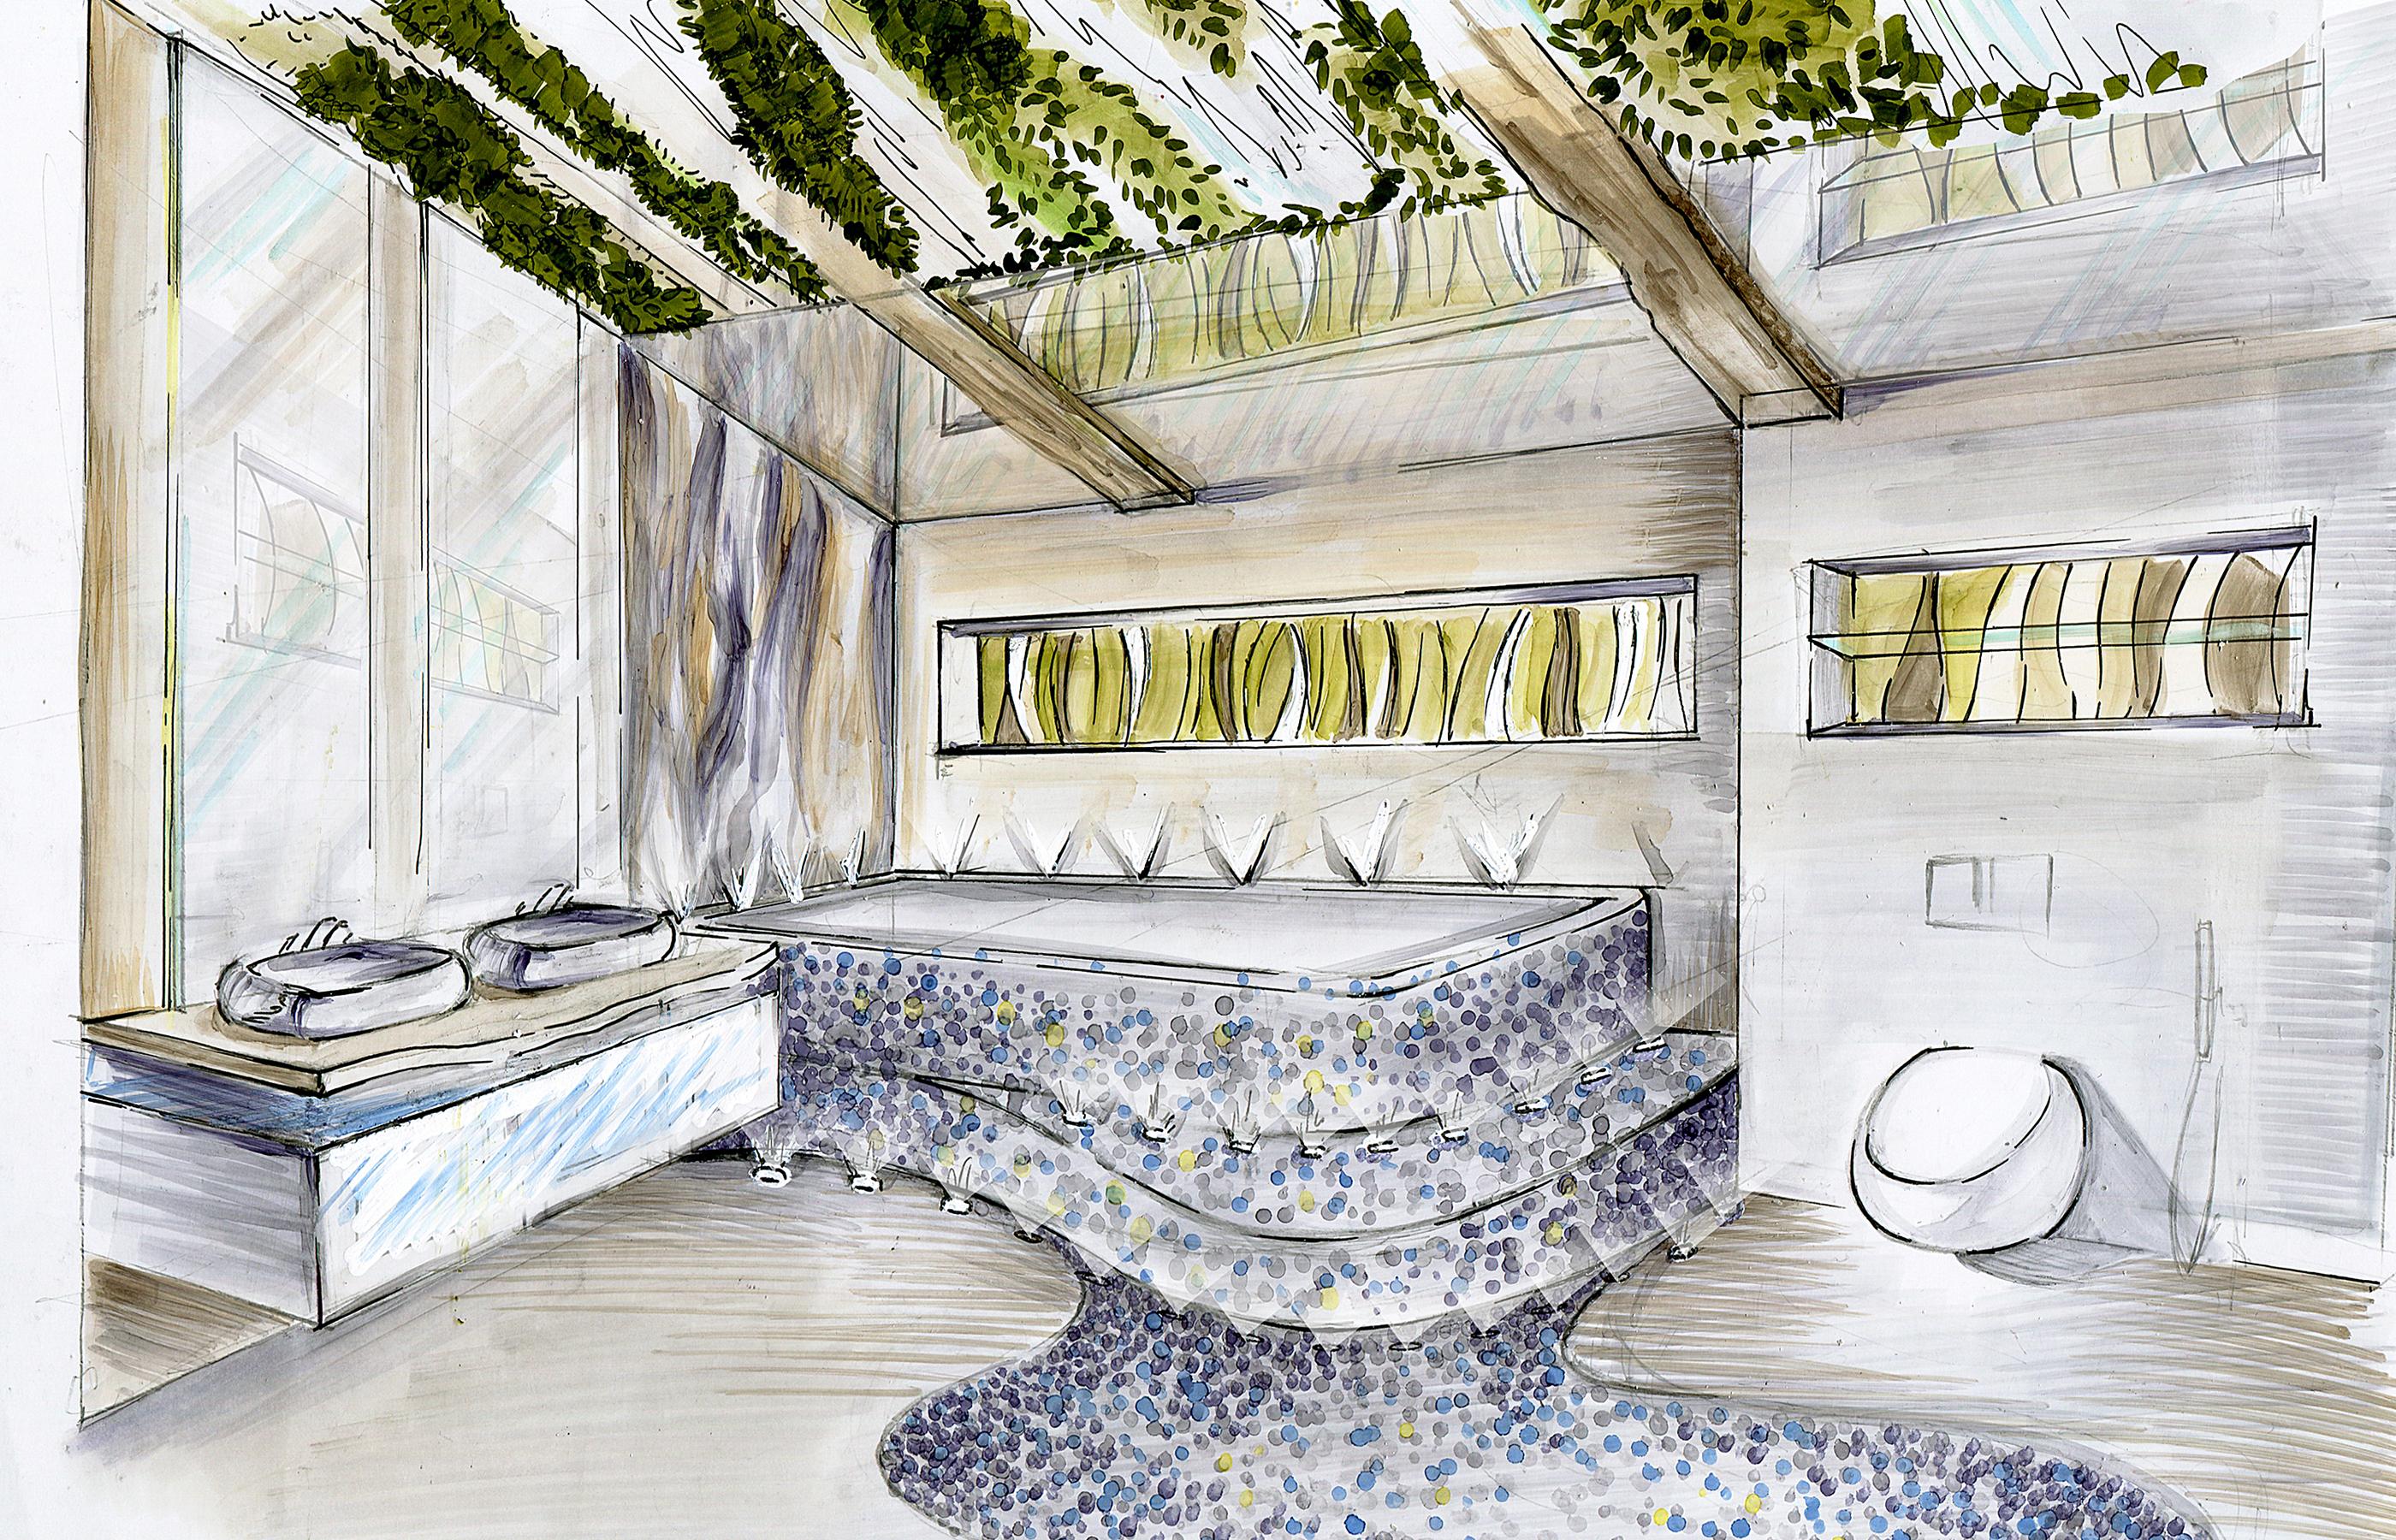 Теплая дорожка, теплые ступеньки, натуральные материалы. Ванная комната в деревянном доме